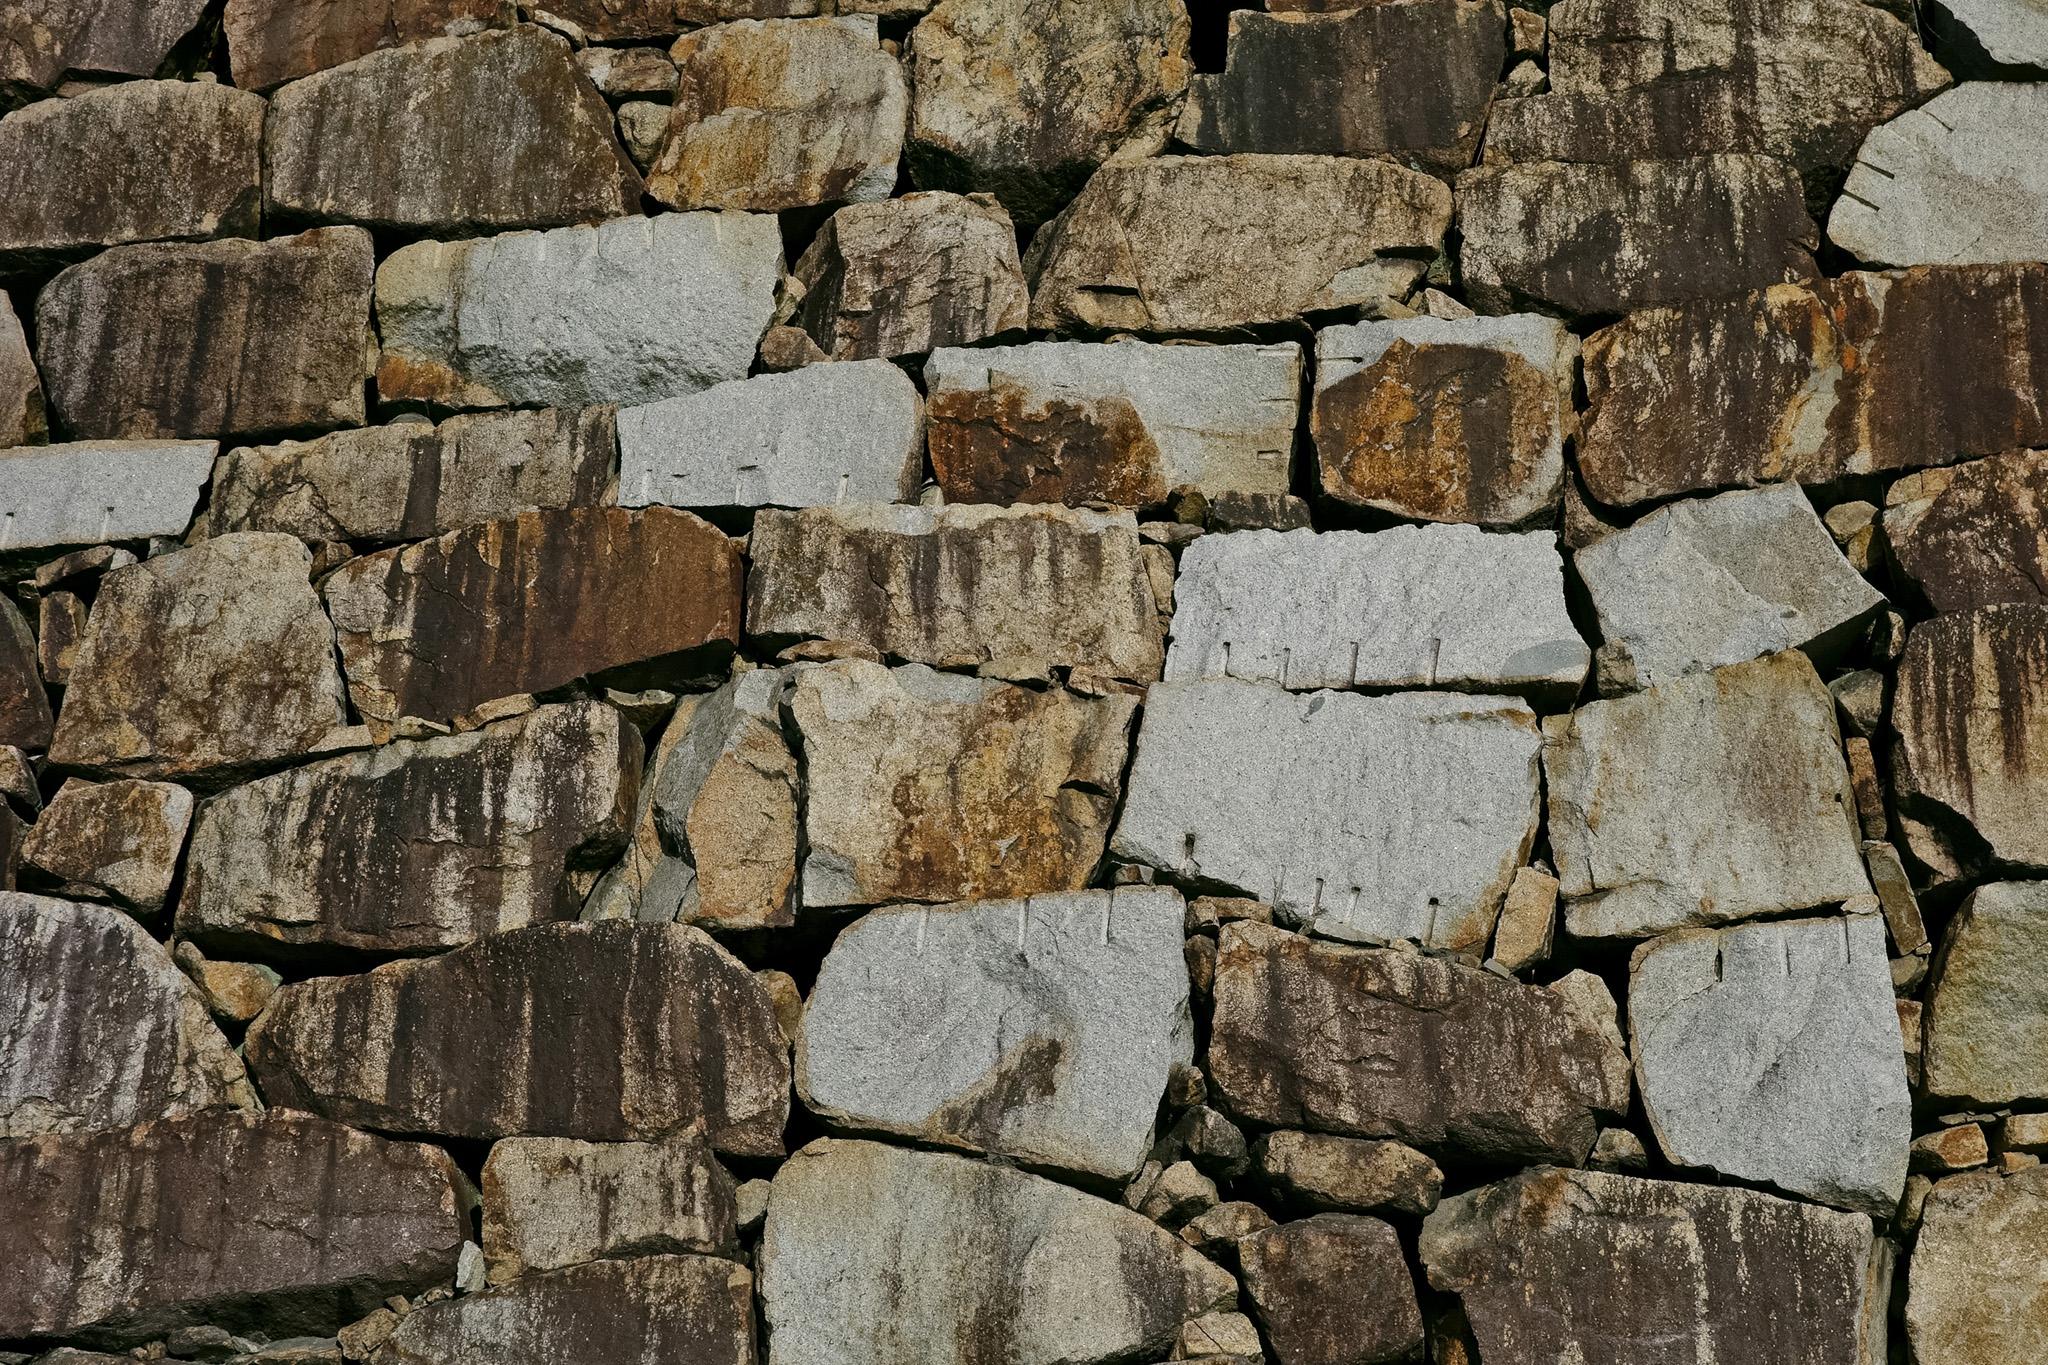 石壁の写真素材